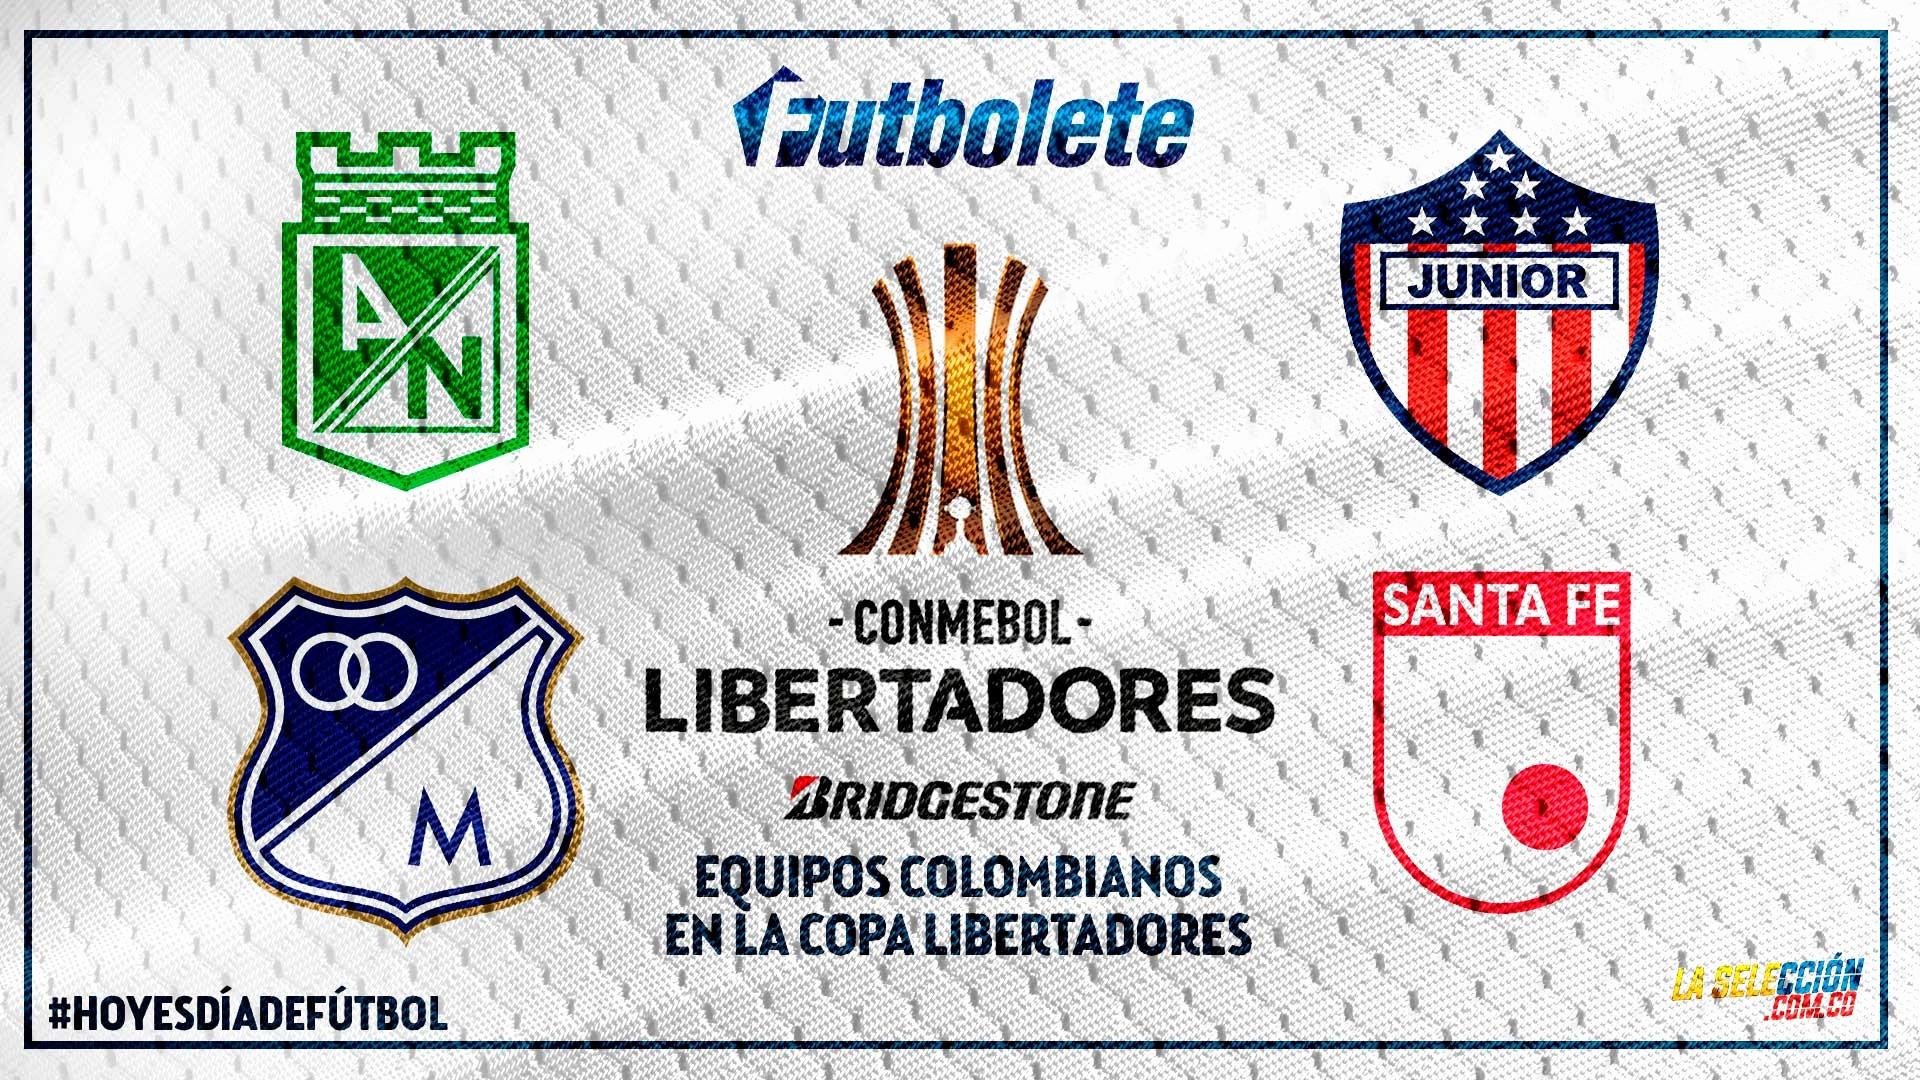 Calendario De Nacional En Copa Libertadores 2019 Calendario De atletico Nacional En El Grupo 2 De